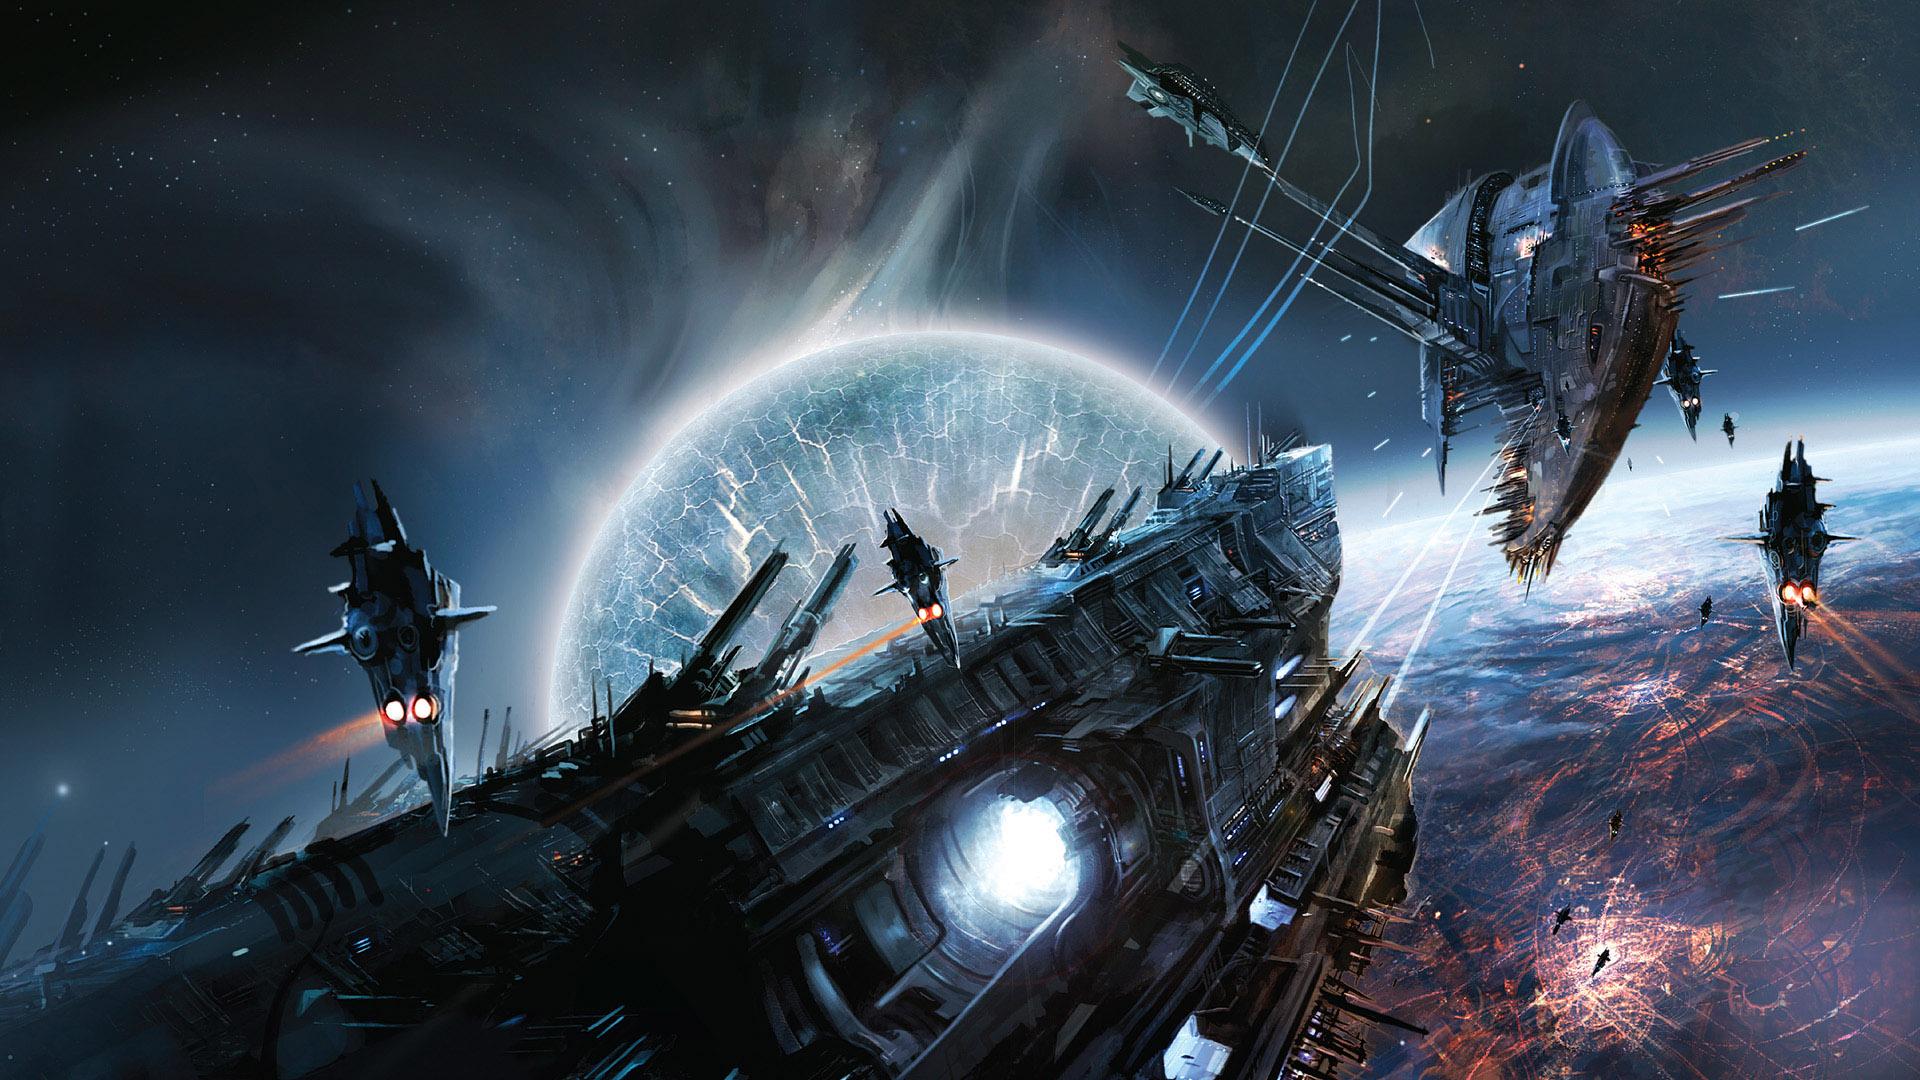 Обои Разрушенная планета, корабль картинки на рабочий стол на тему Космос - скачать  № 3552396 бесплатно